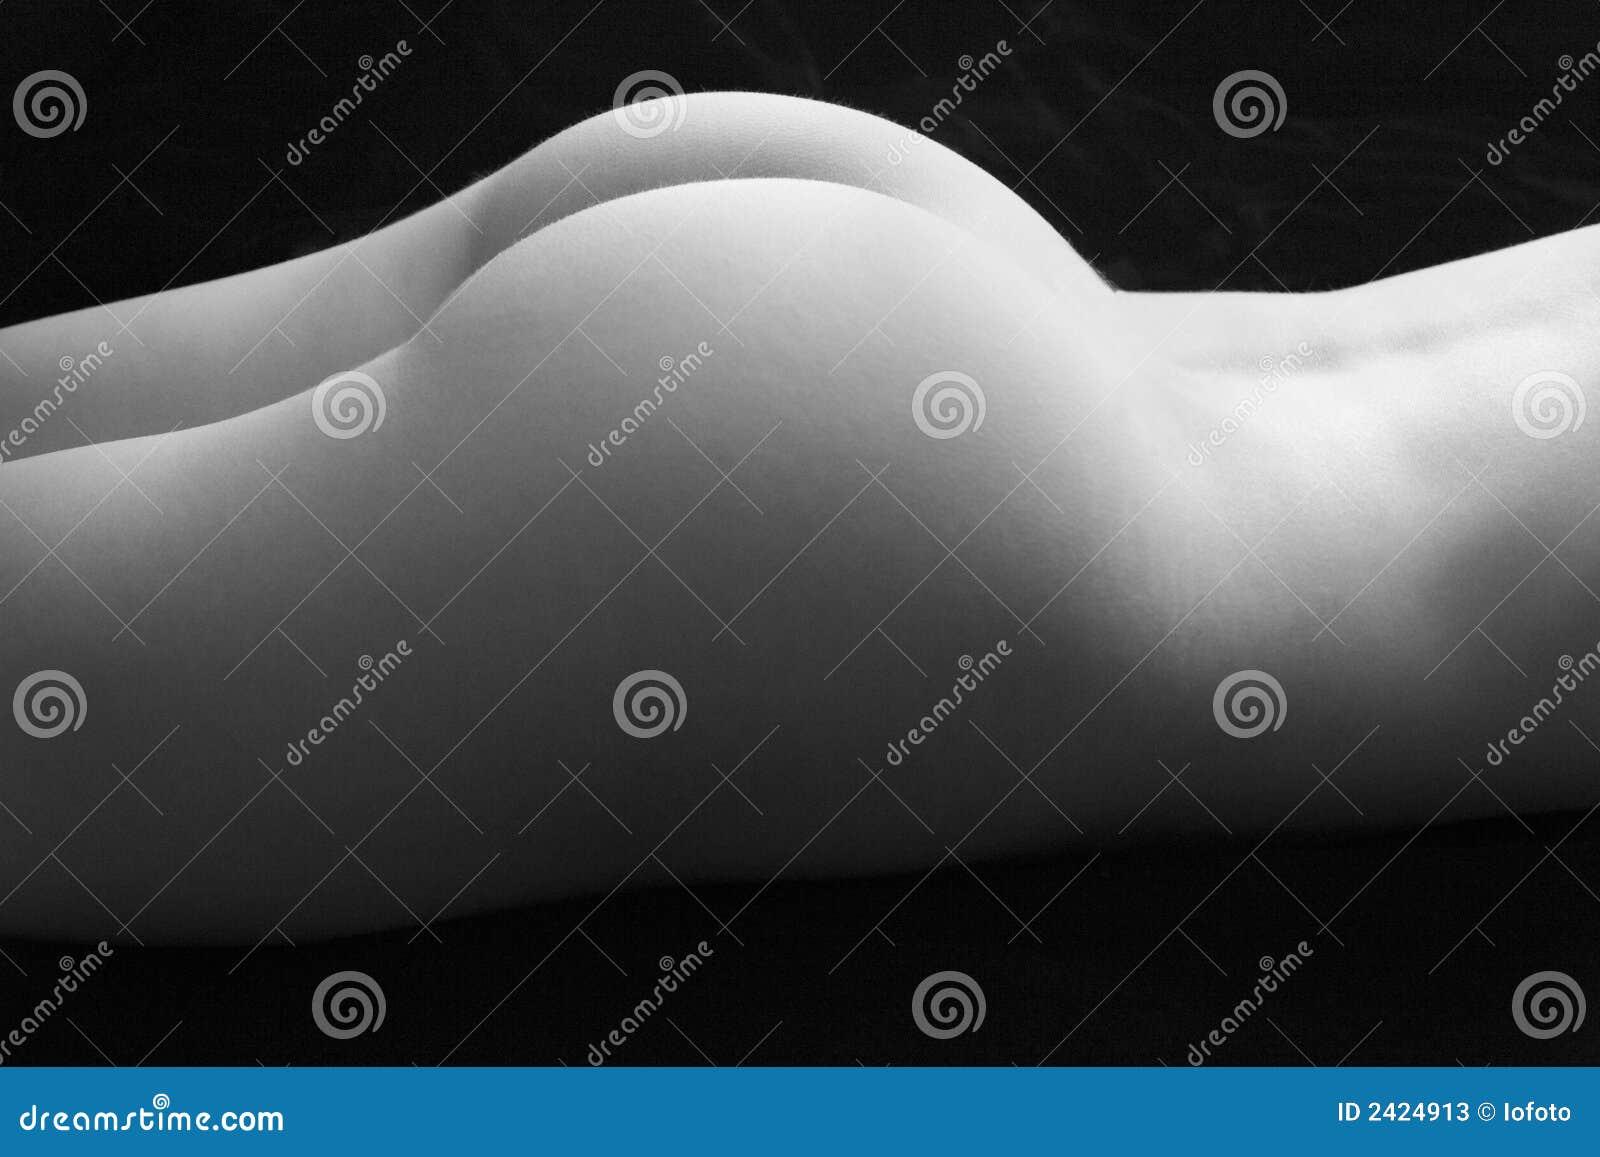 Nude Buttocks 56